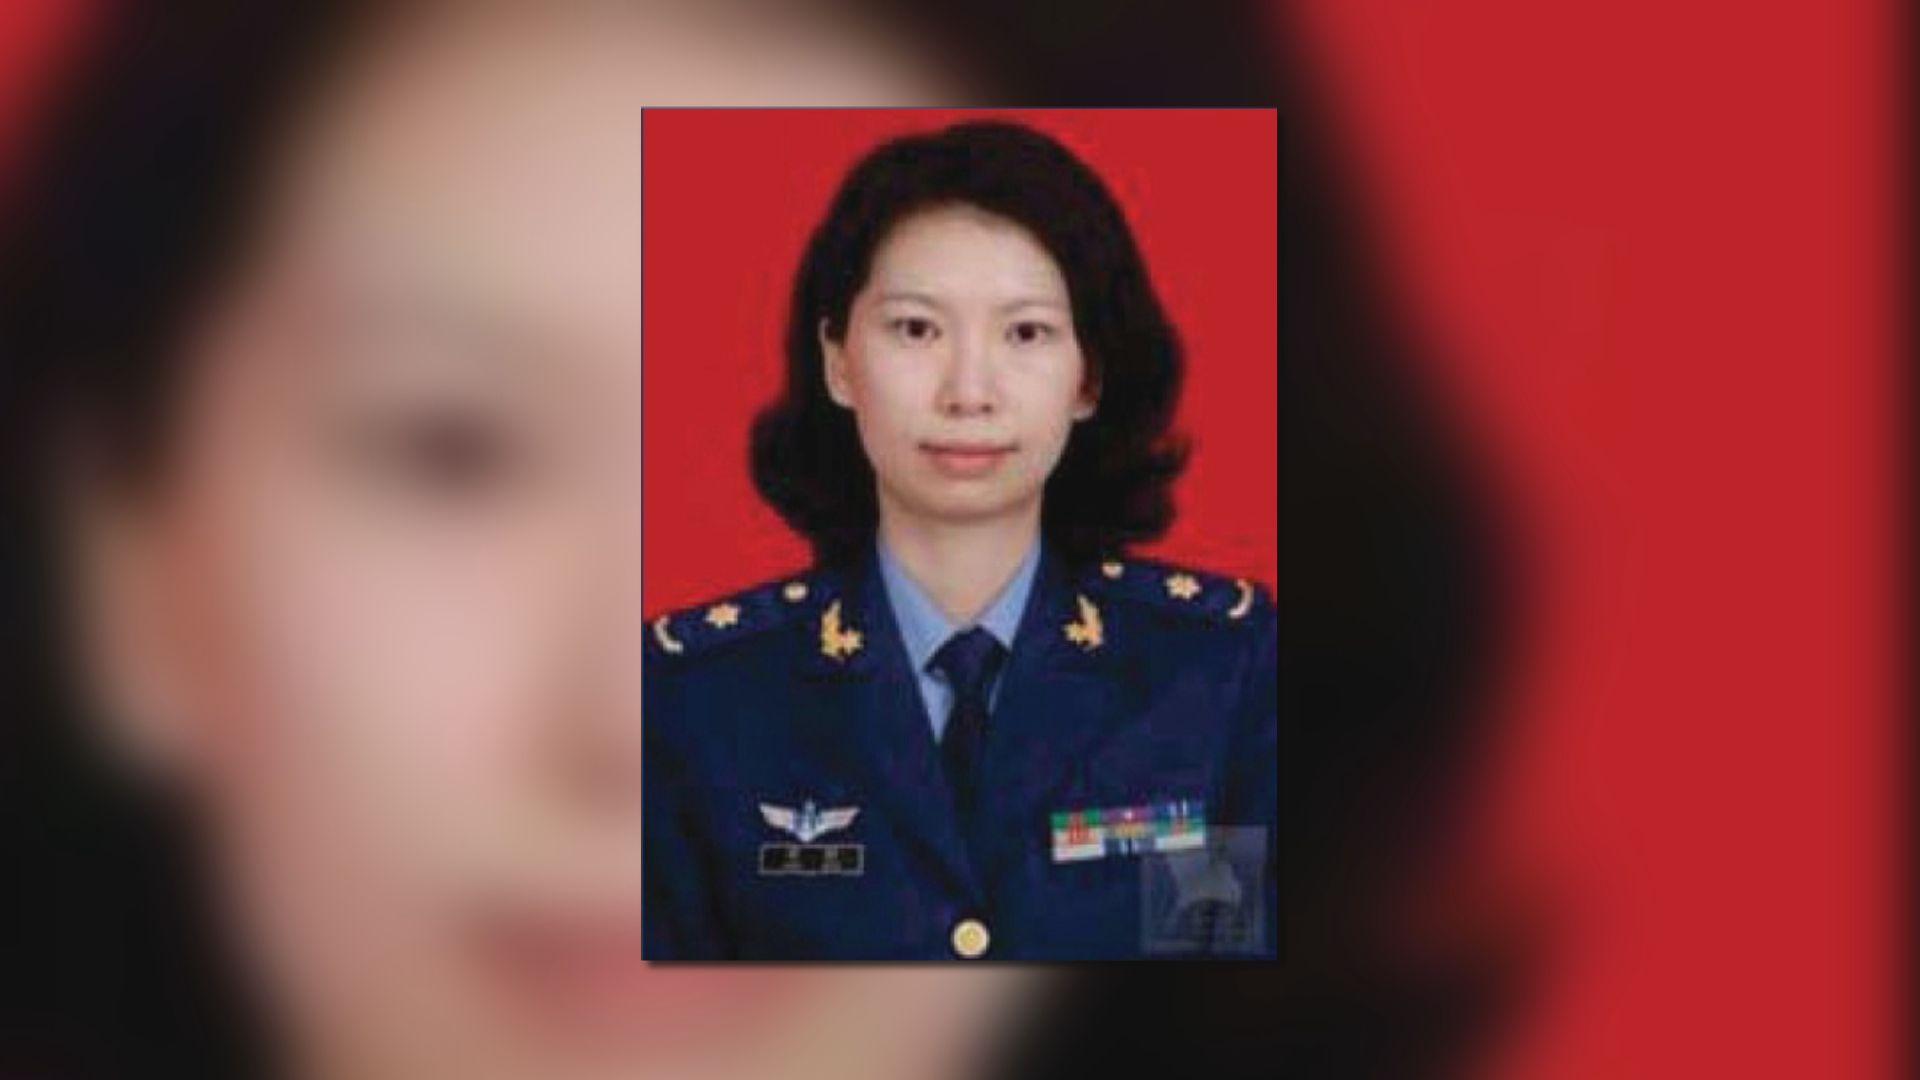 涉簽證欺詐在美被捕中國女子申請保釋被拒